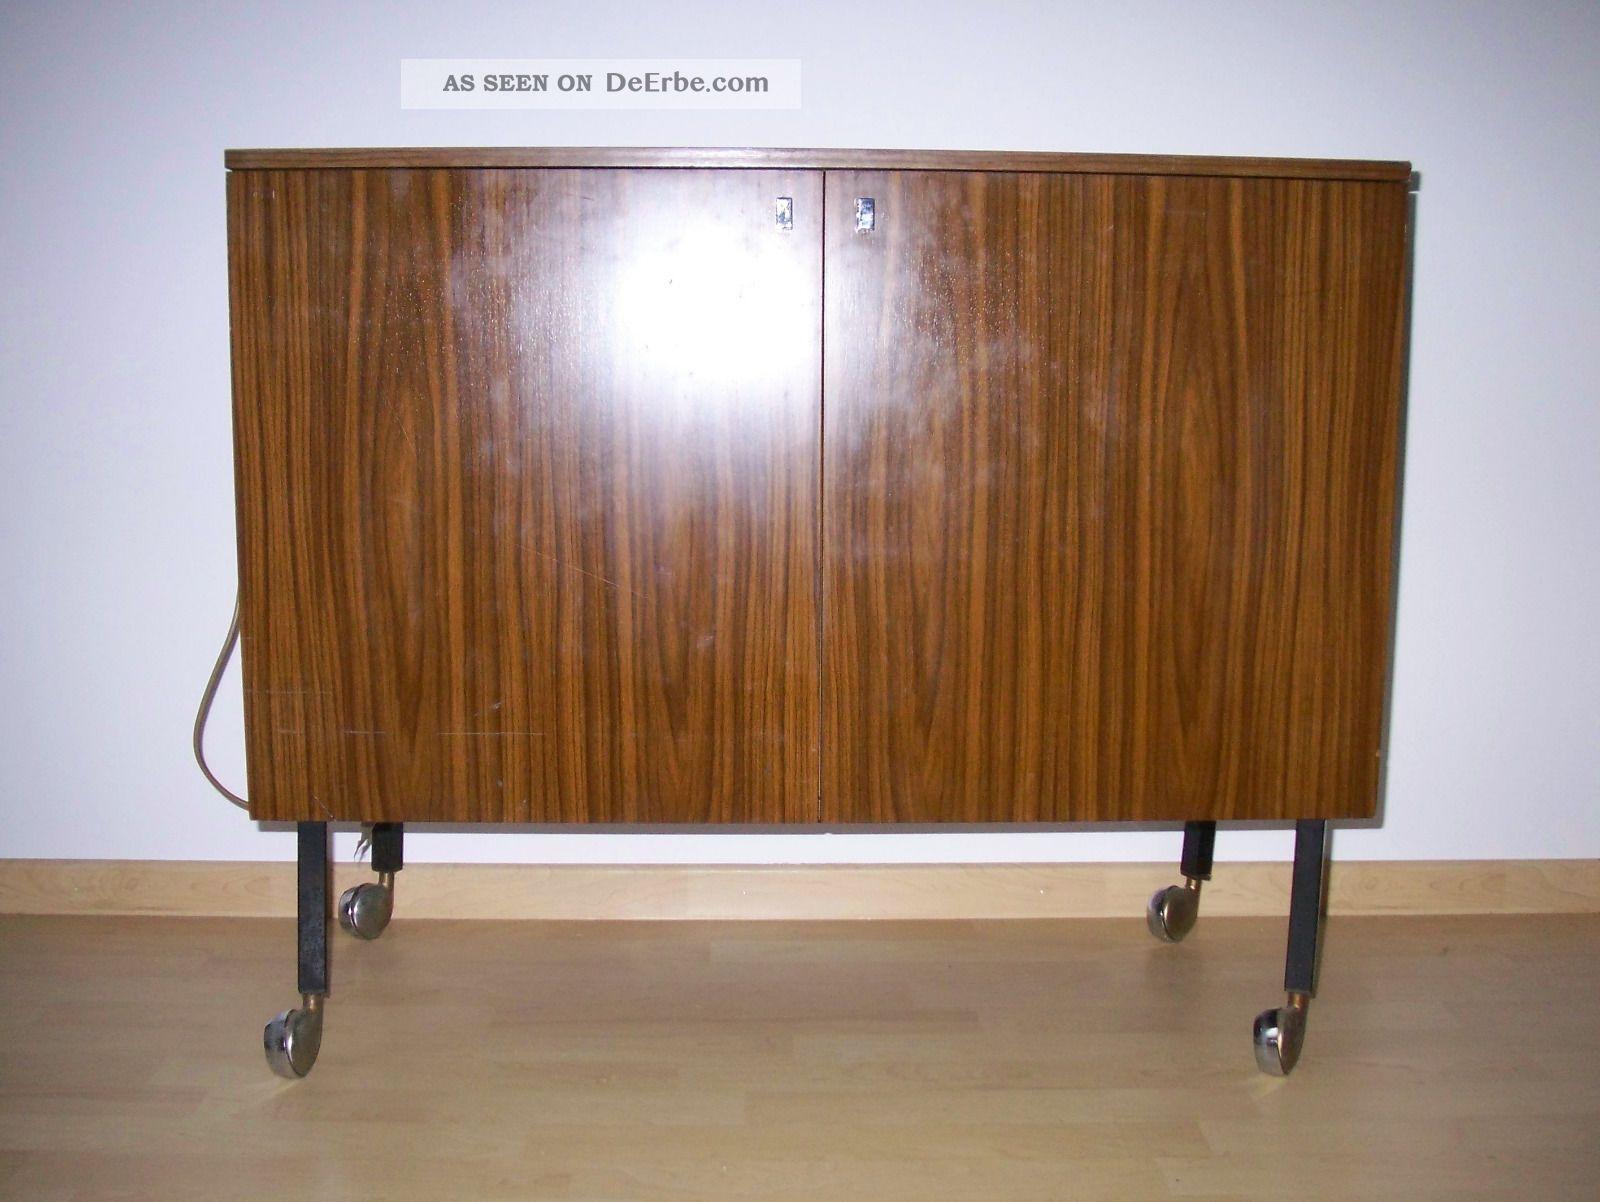 Amerikanischer Kühlschrank Umbauschrank : Schrank mit kühlschrank bosch kühlschrank side by side edelstahl